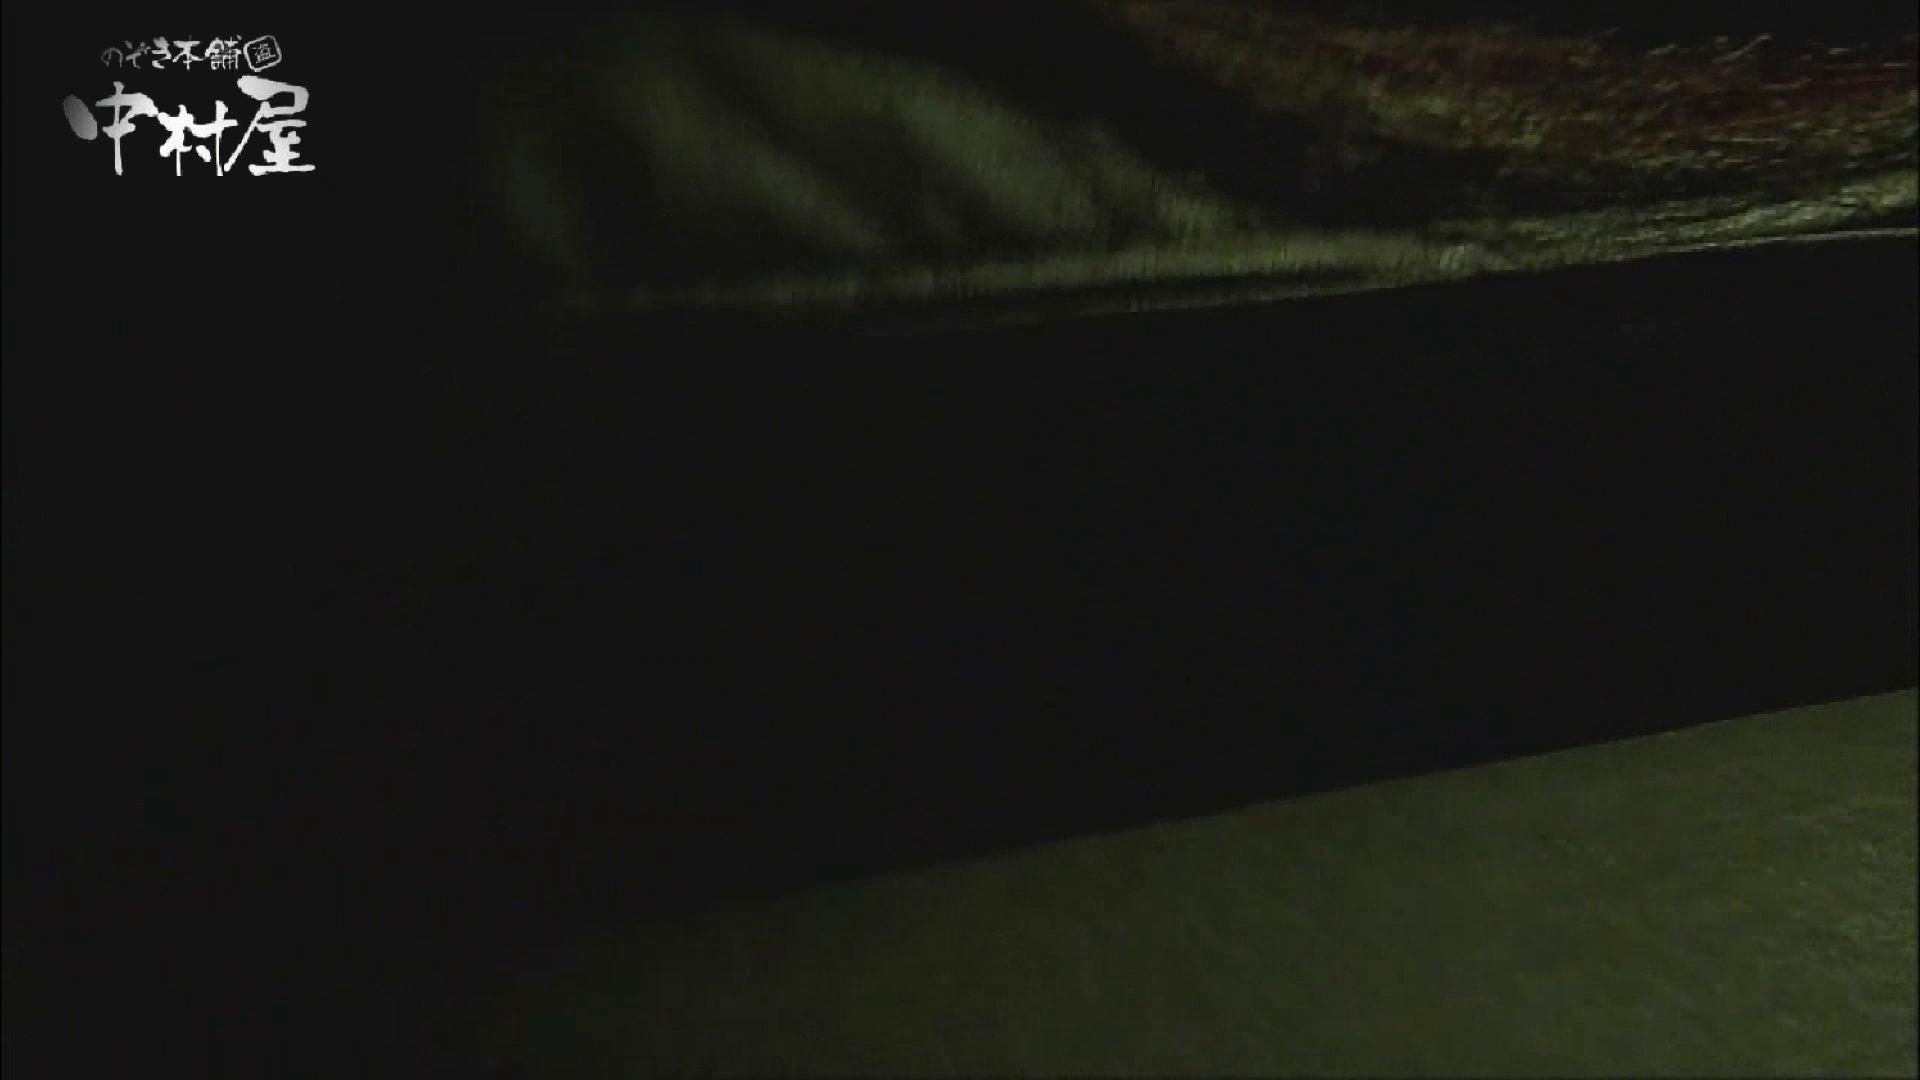 欲望 リアルドール Vol.01 Kちゃんショップ店員店員20歳 HなOL | Hな女子大生  67pic 8